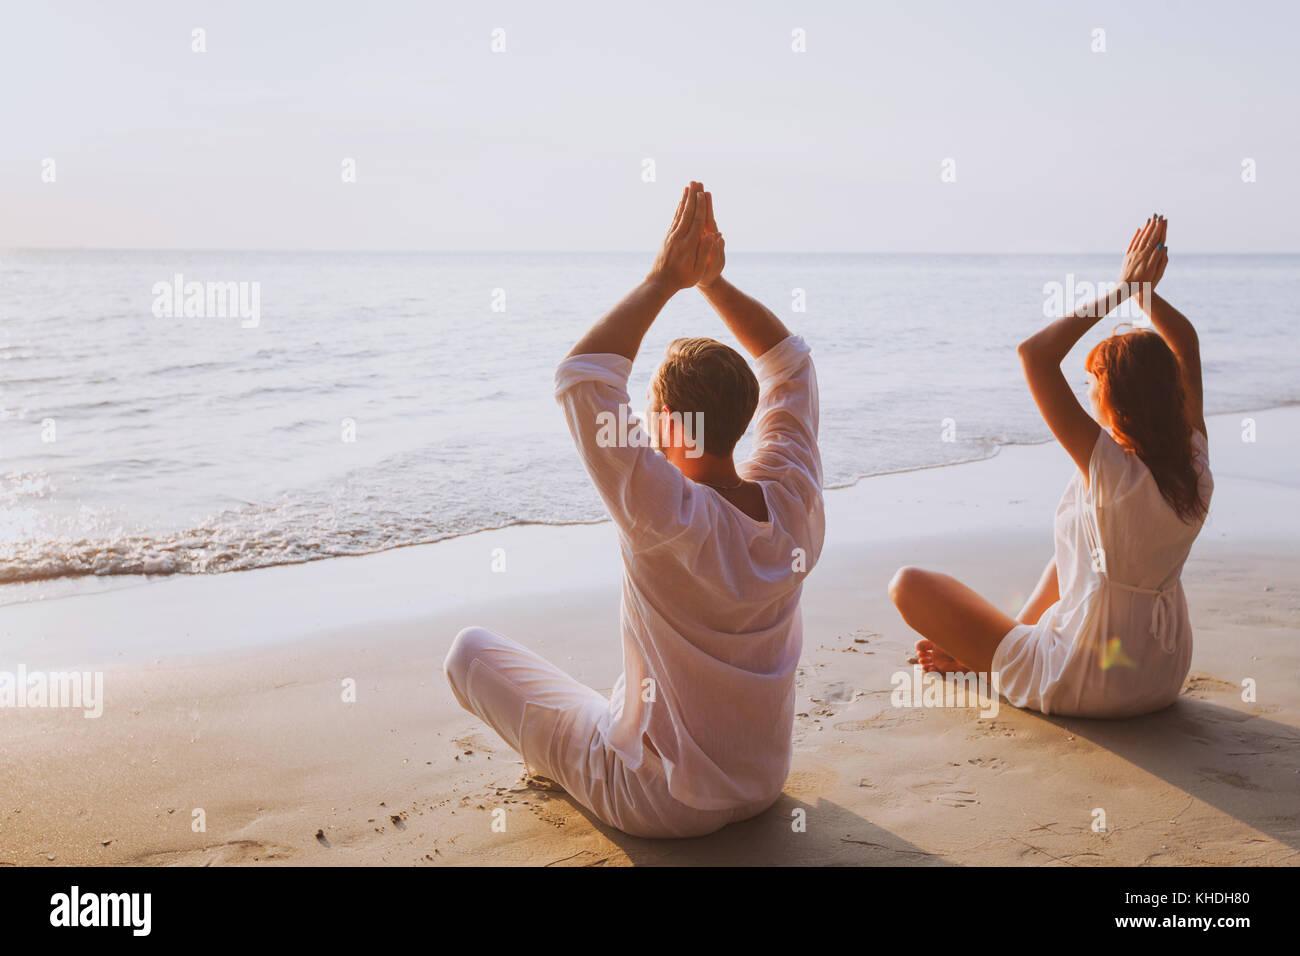 La meditazione di gruppo, yoga sulla spiaggia al tramonto Immagini Stock